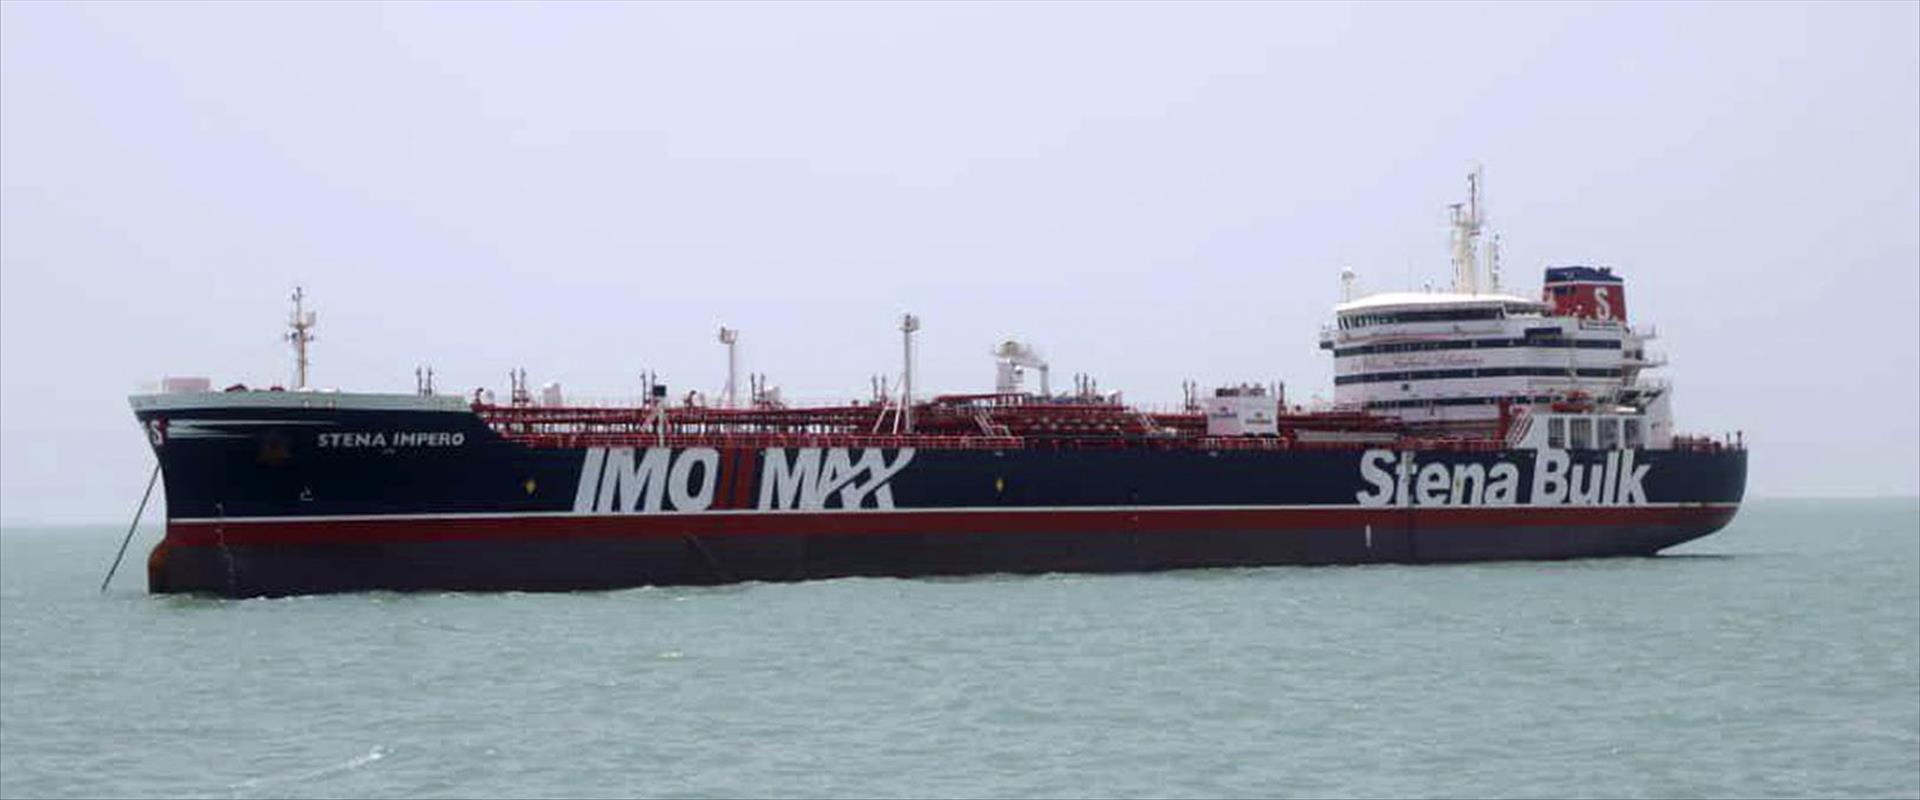 מכלית הנפט של בריטניה שנתפסה על ידי משמרות המהפכה